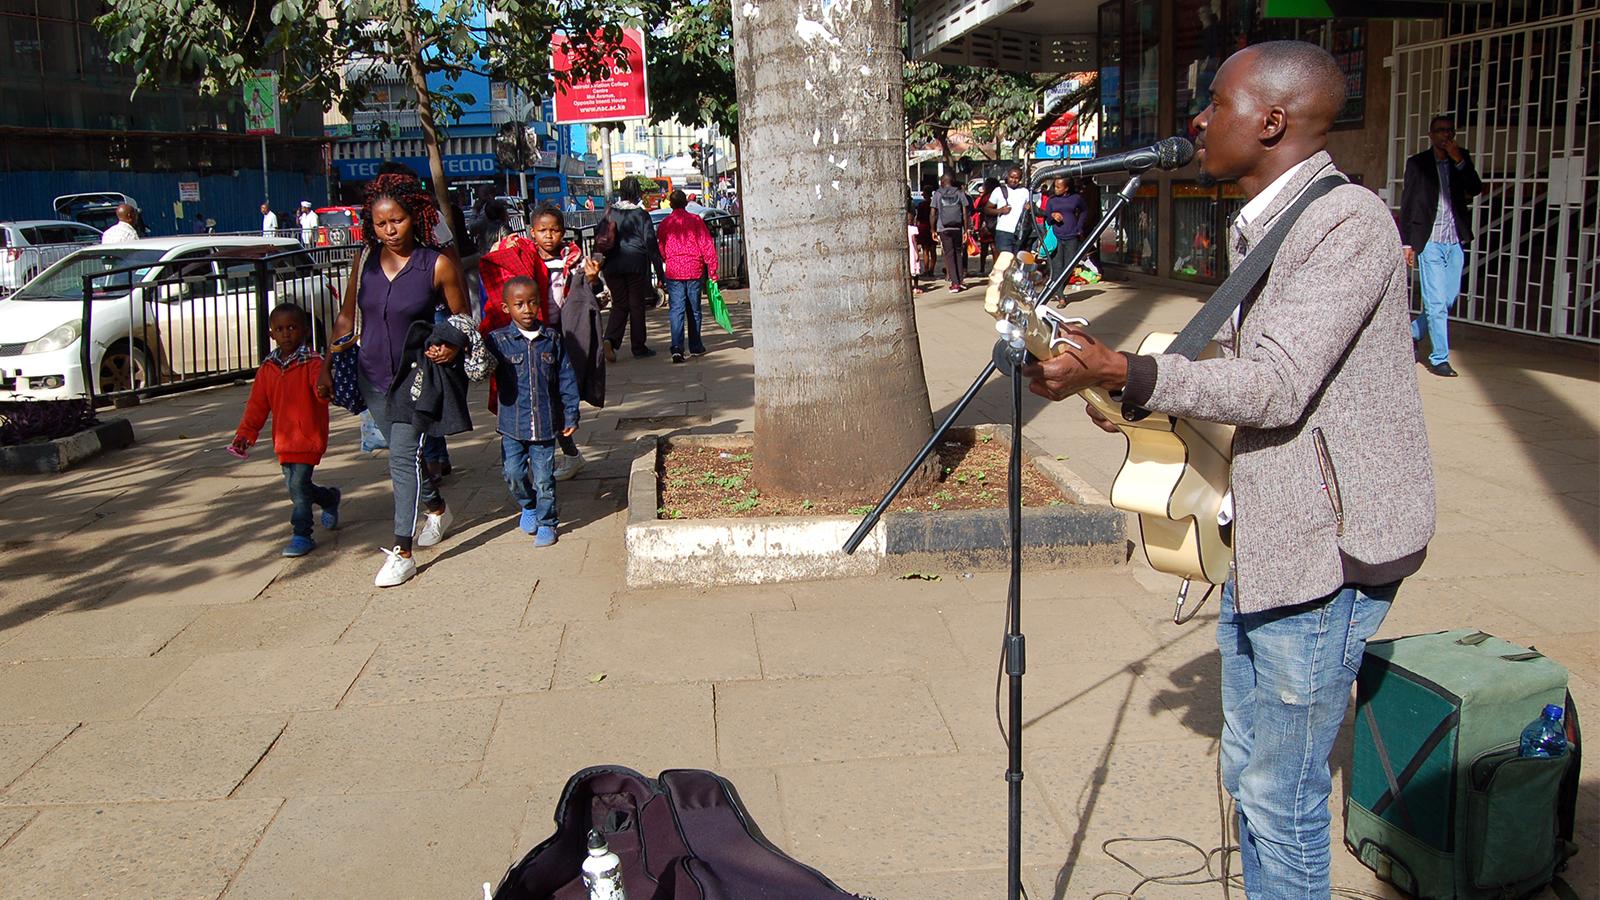 Lone street guitarist shares Christmas spirit in Nairobi